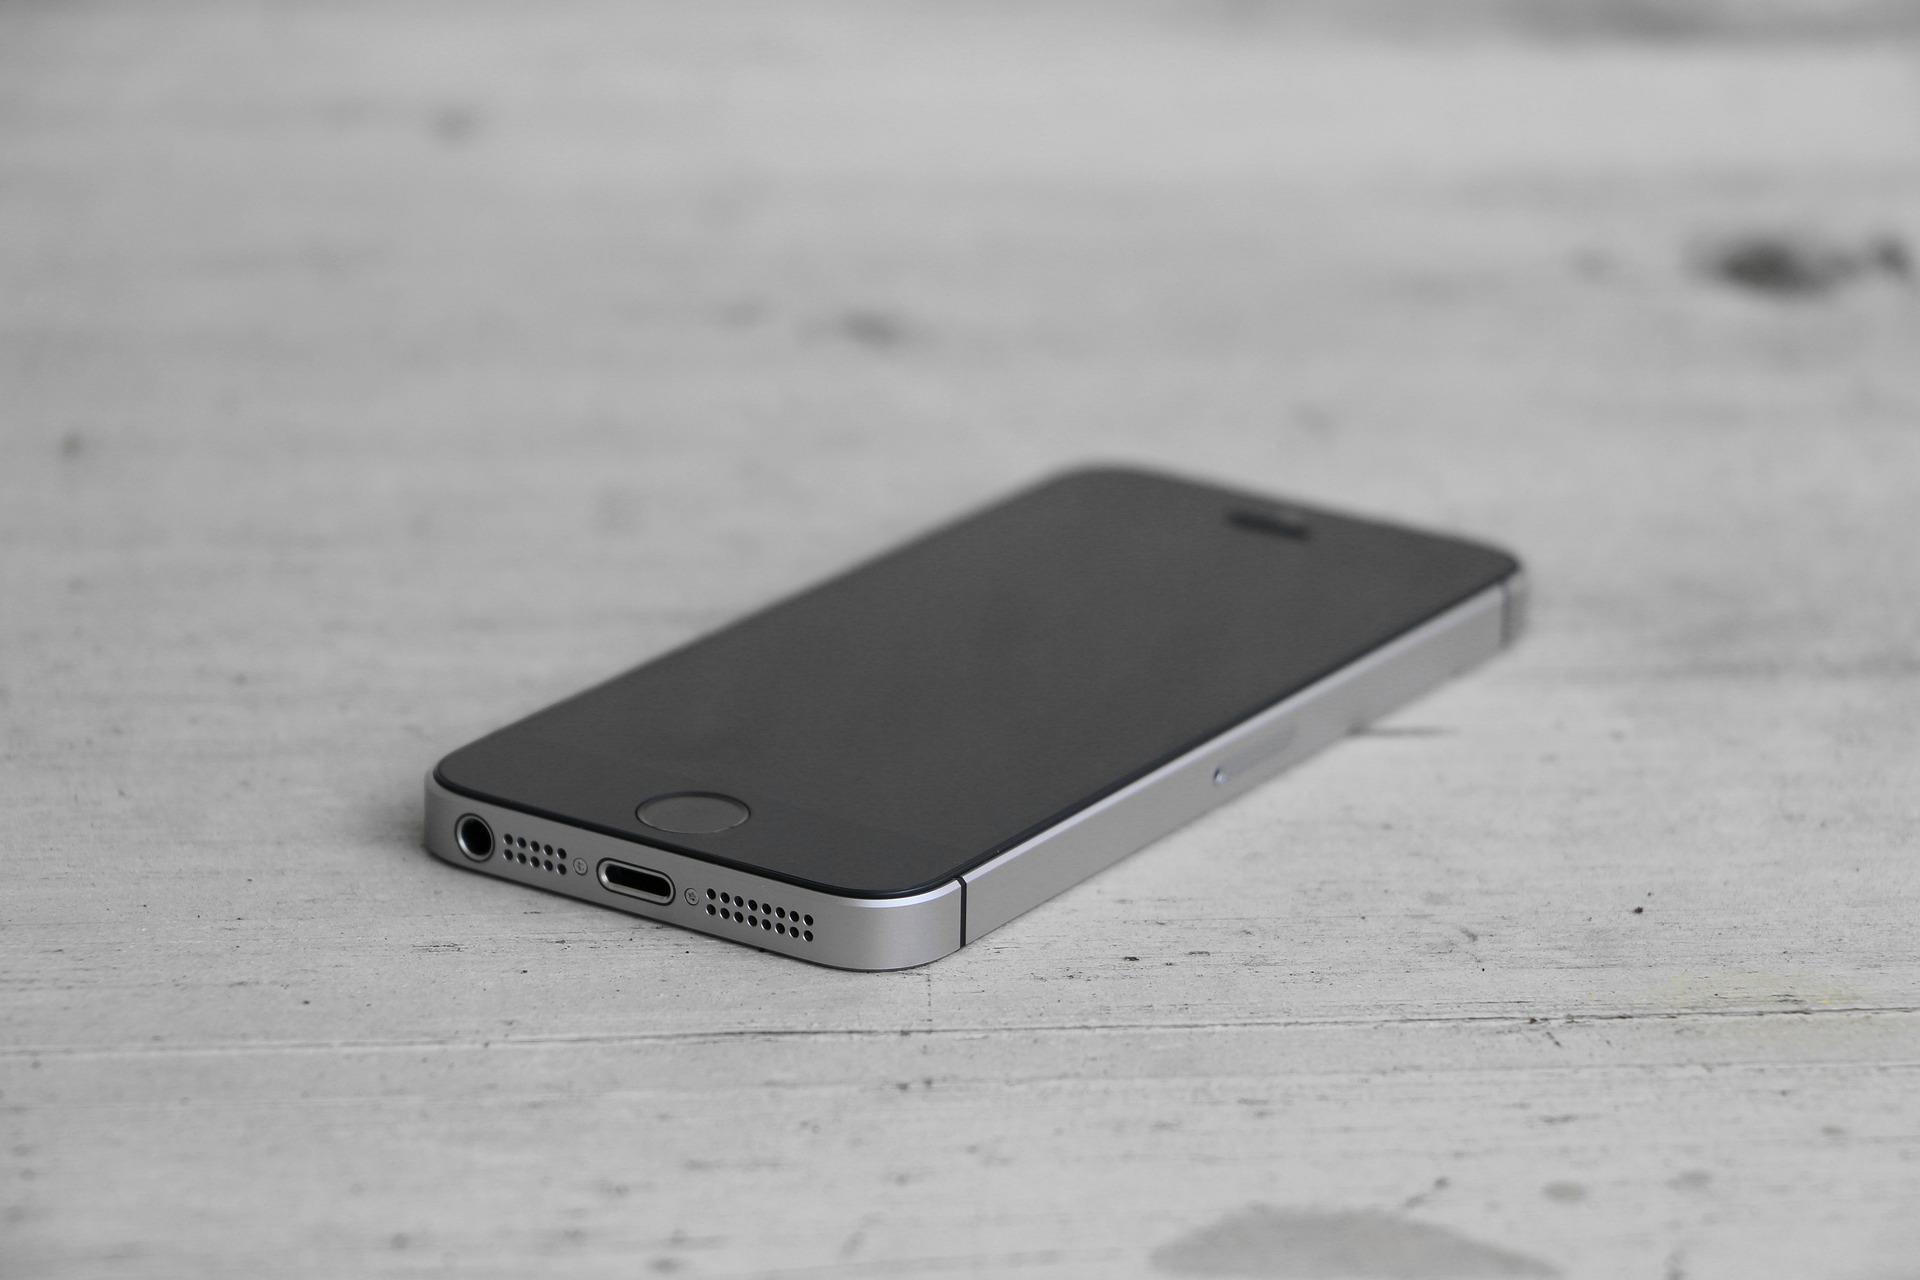 Cena nowego iPhone'a SE ma być wyjątkowo kusząca 28